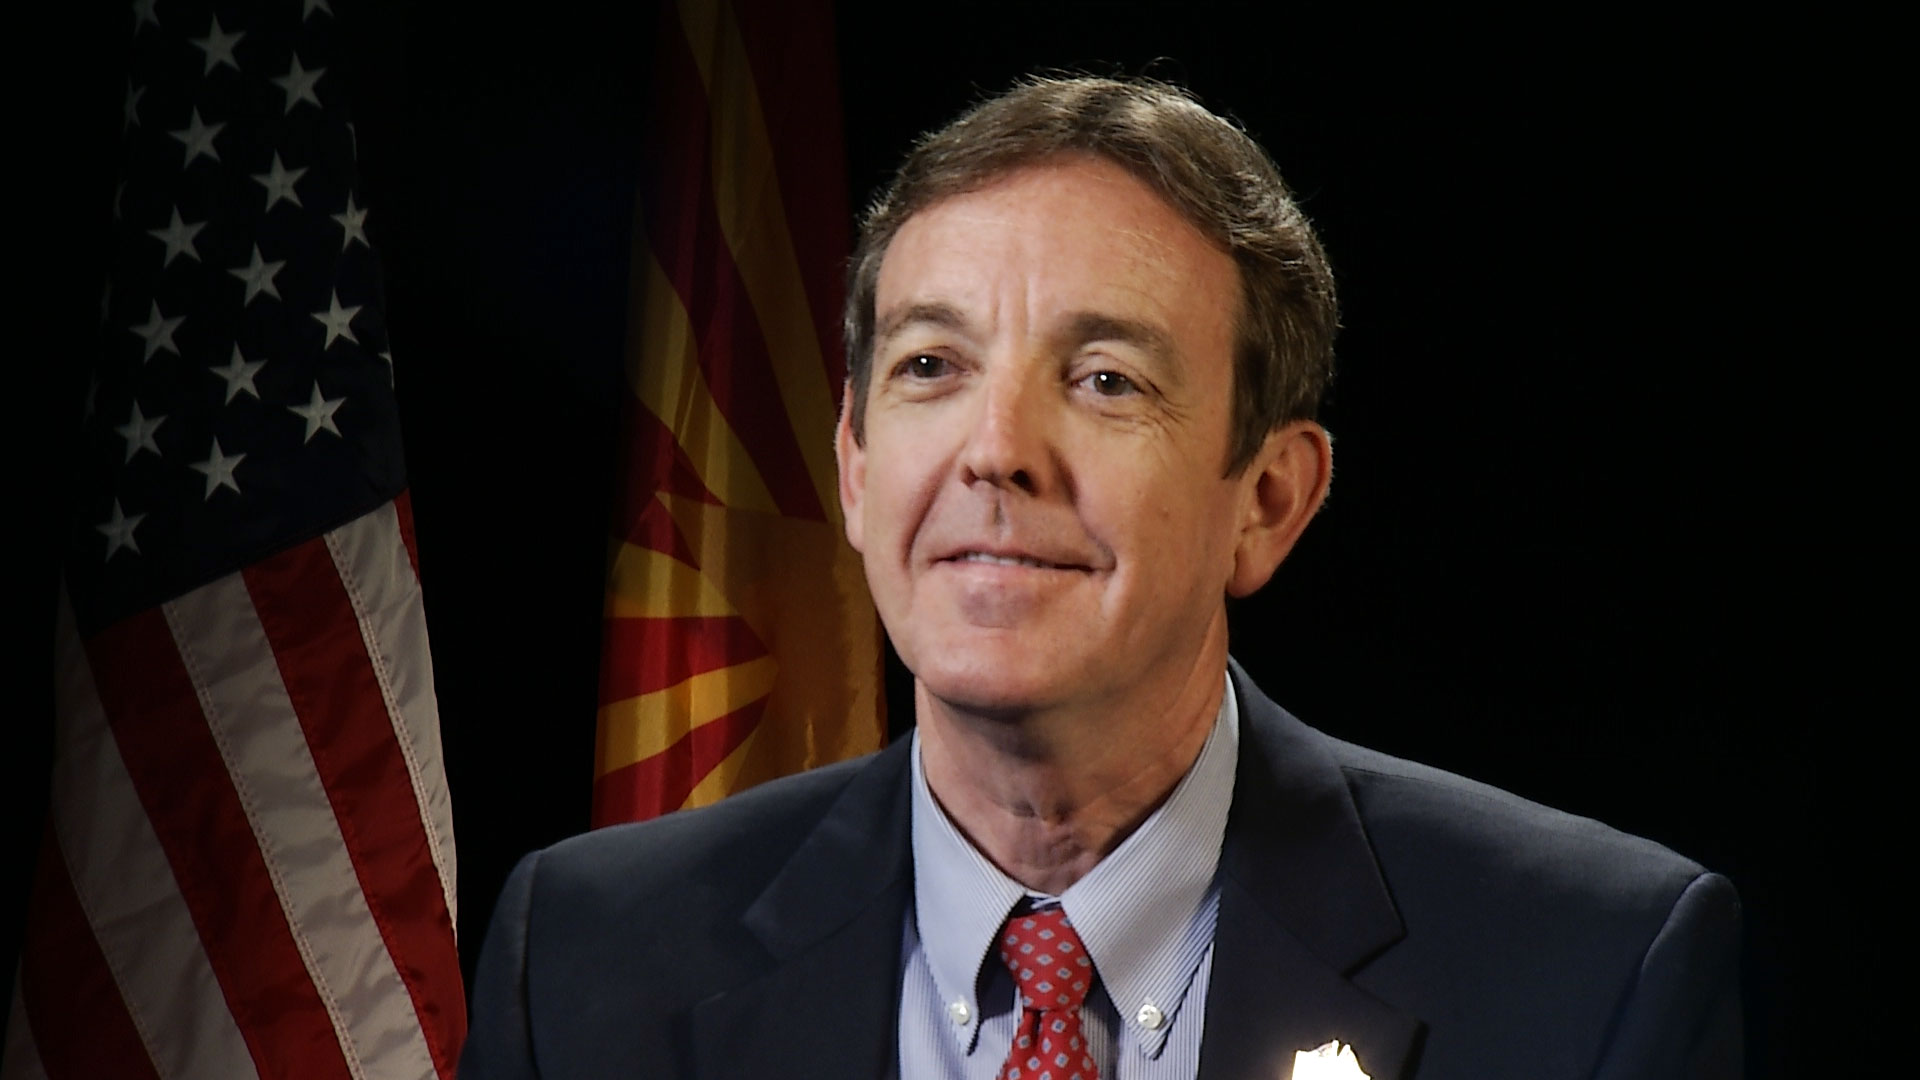 2018 Republican Arizona gubernatorial candidate Ken Bennett